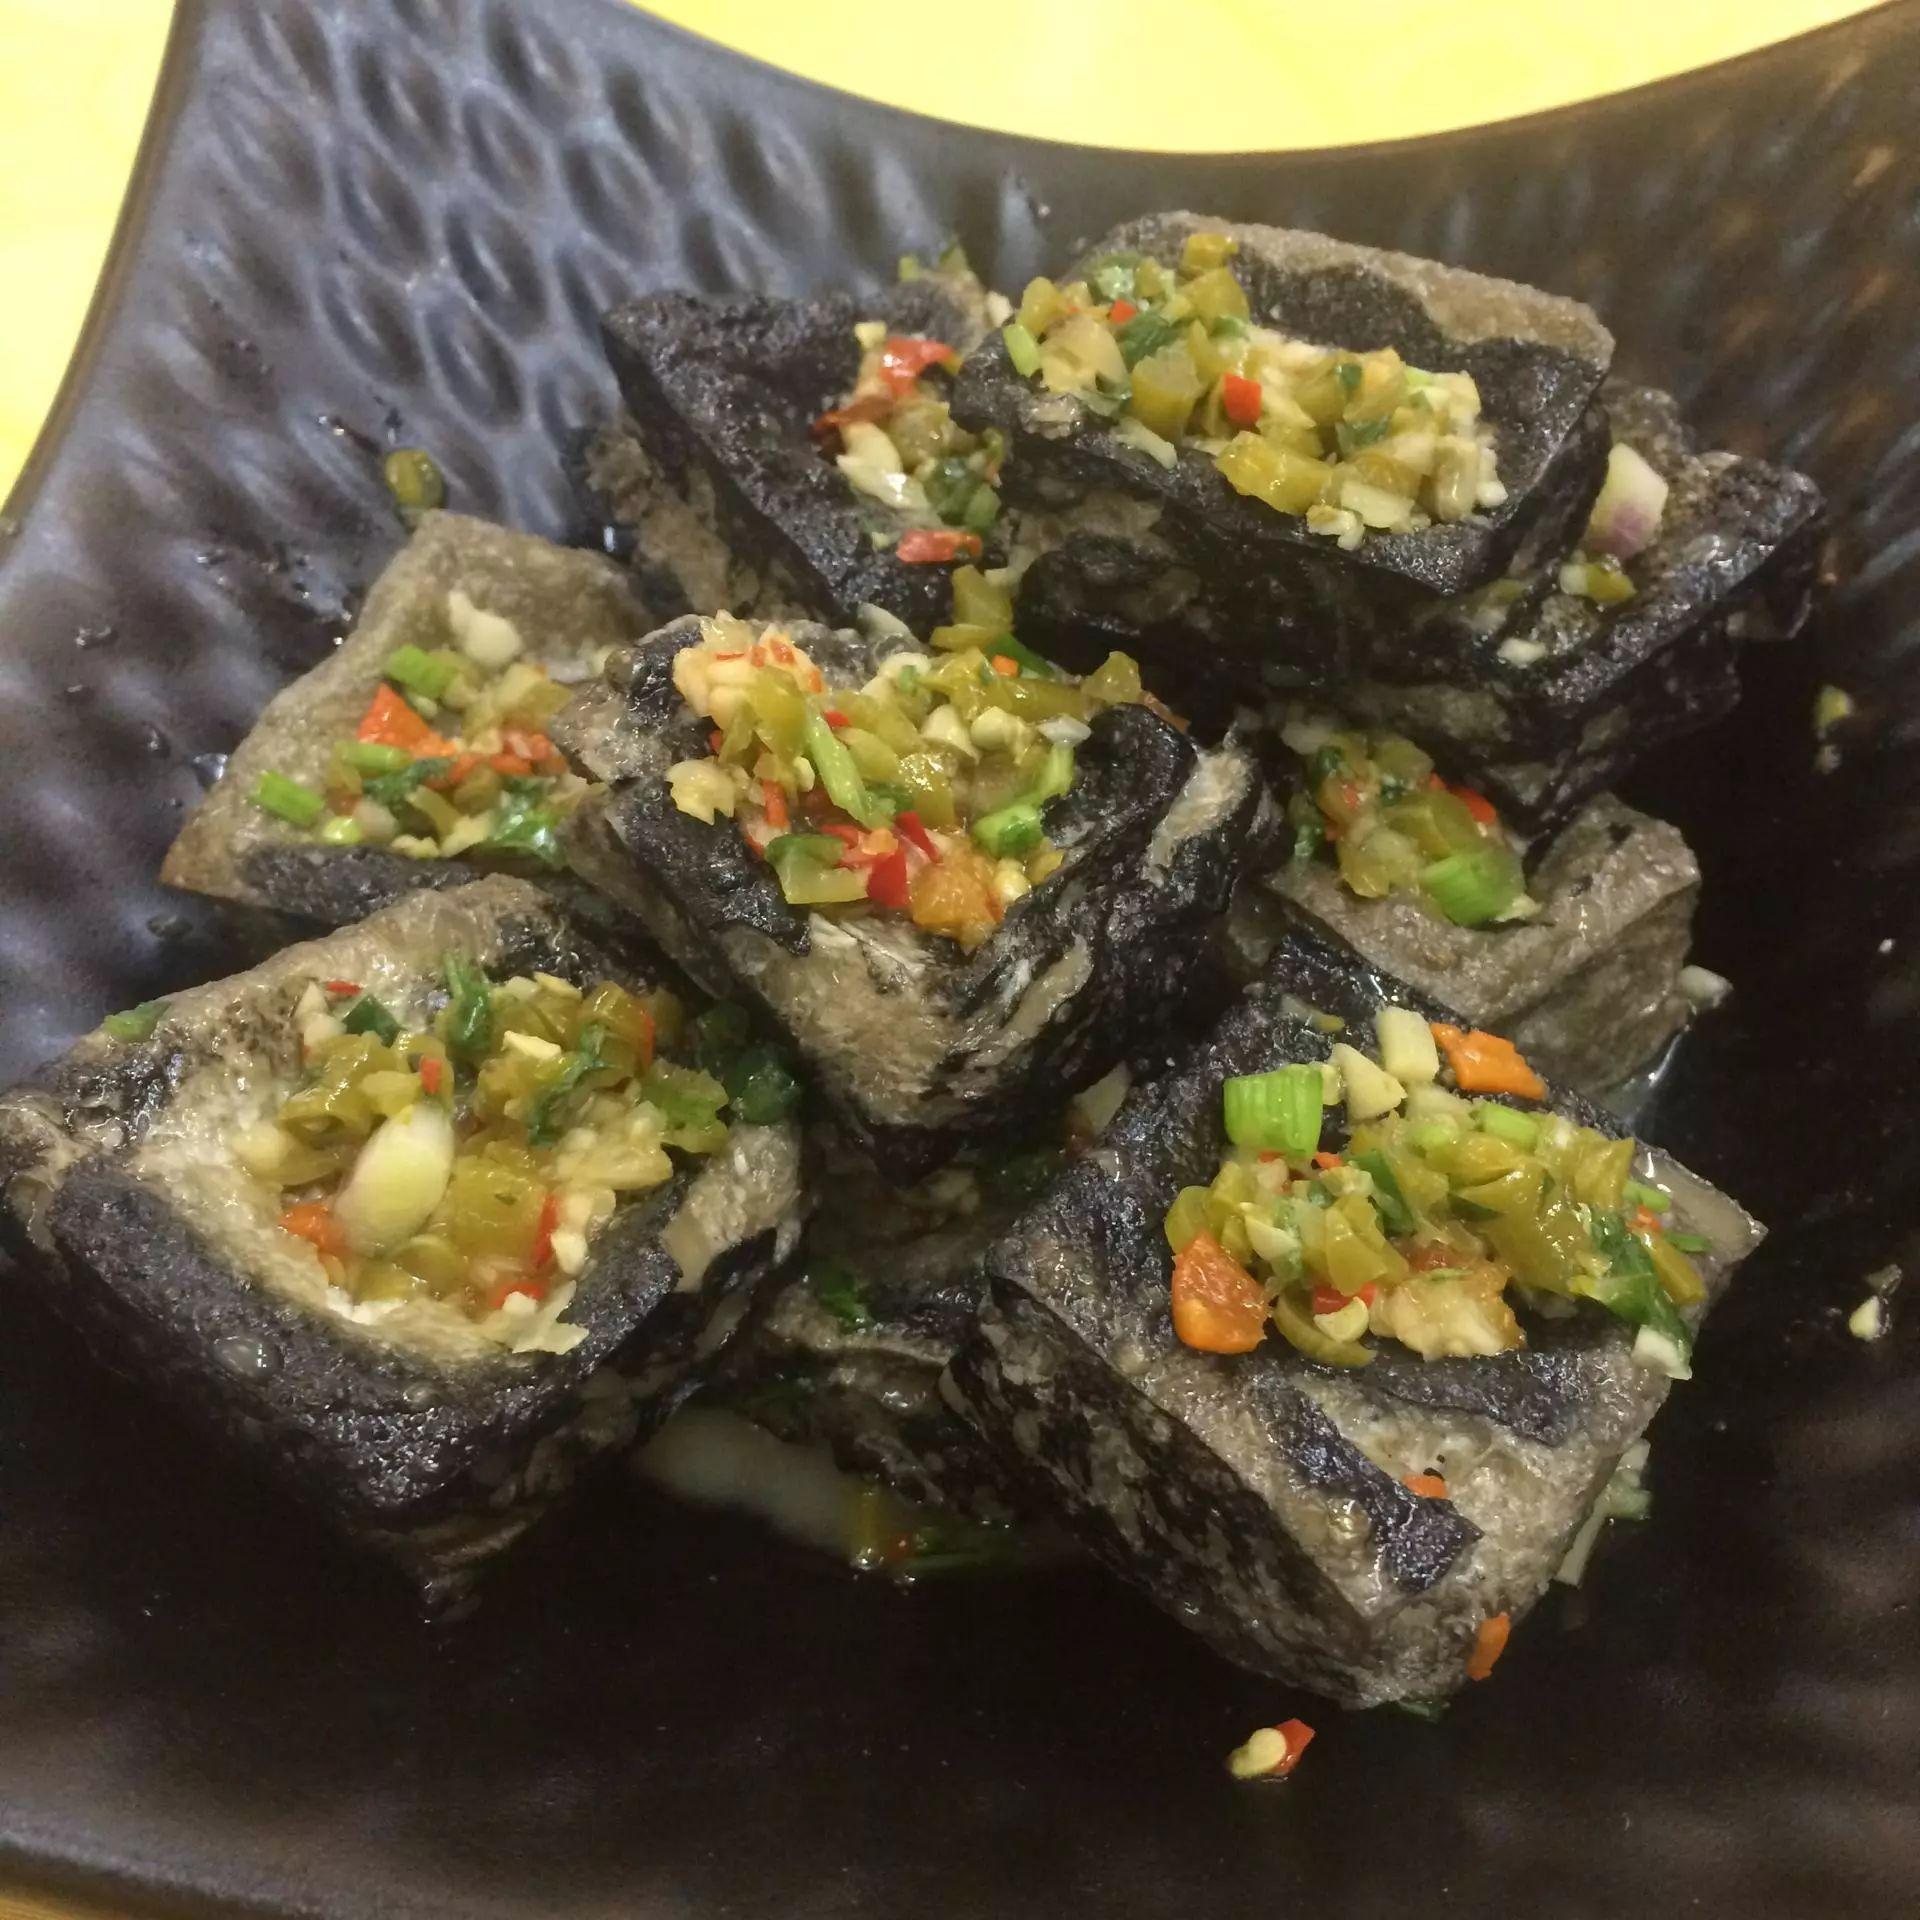 三鲜砂锅米线-盘点那些让你欲罢不能的美食